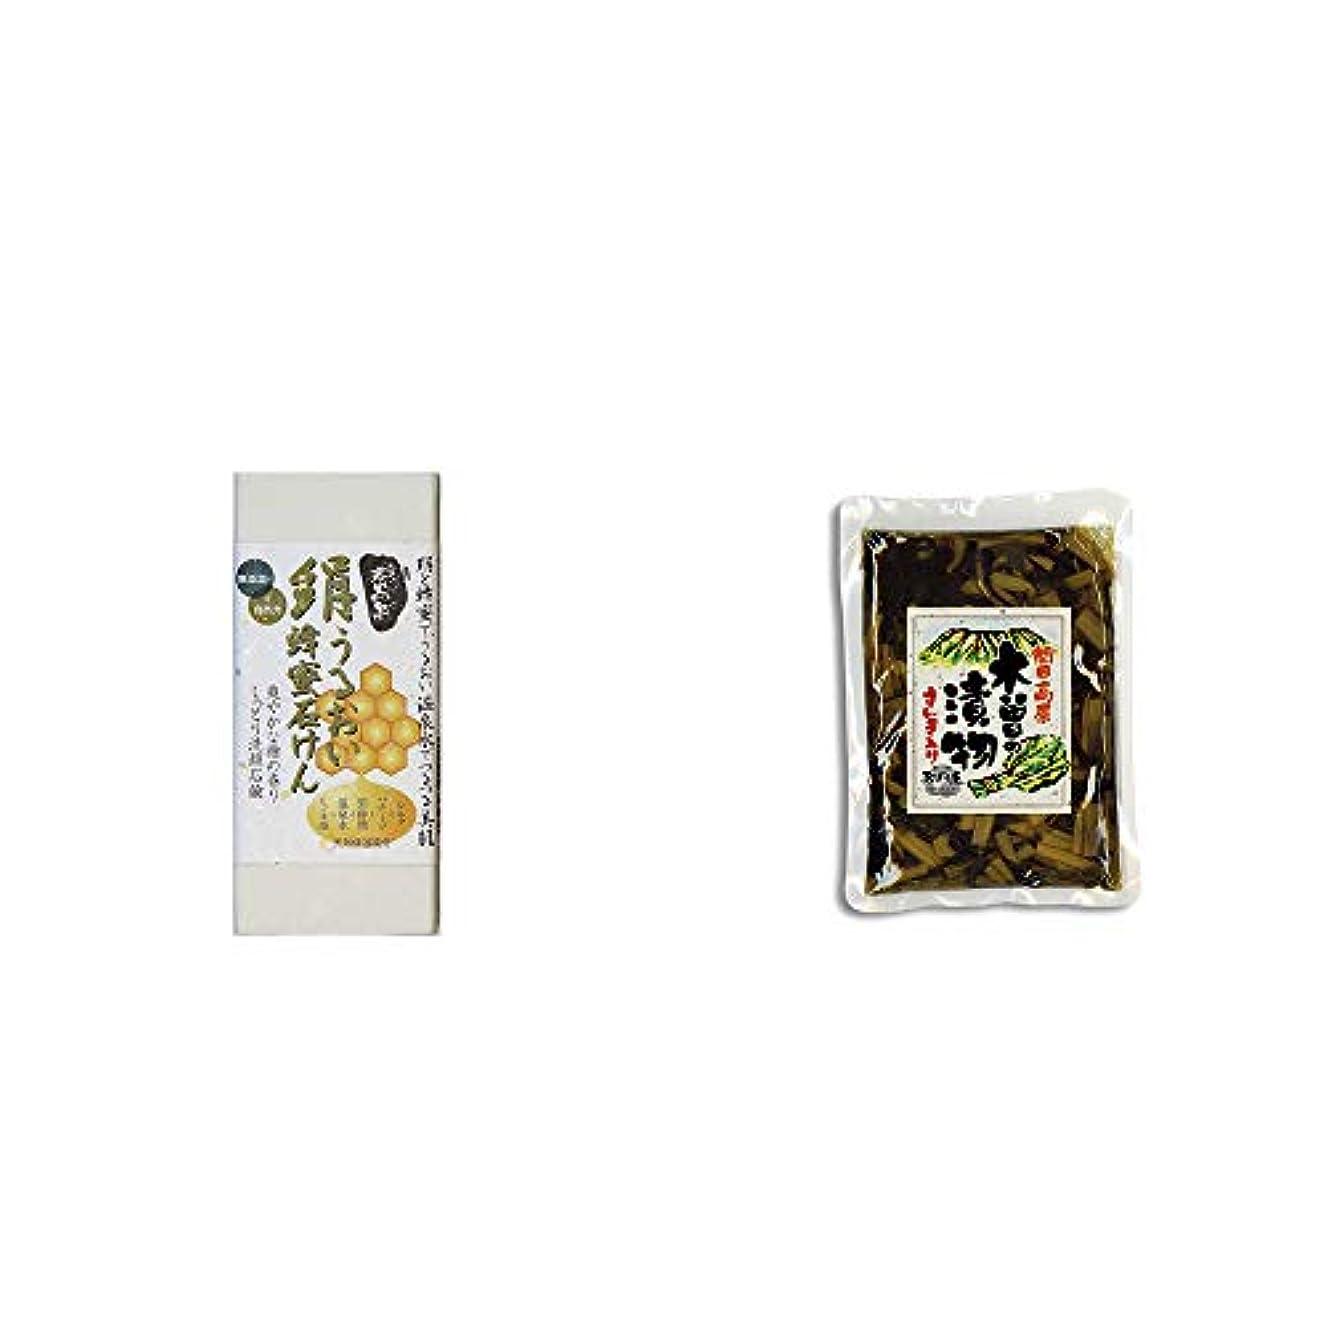 ラジウムコロニアル懐[2点セット] ひのき炭黒泉 絹うるおい蜂蜜石けん(75g×2)?【年中販売】木曽の漬物 すんき入り(200g) / すんき漬け味付加工品 //